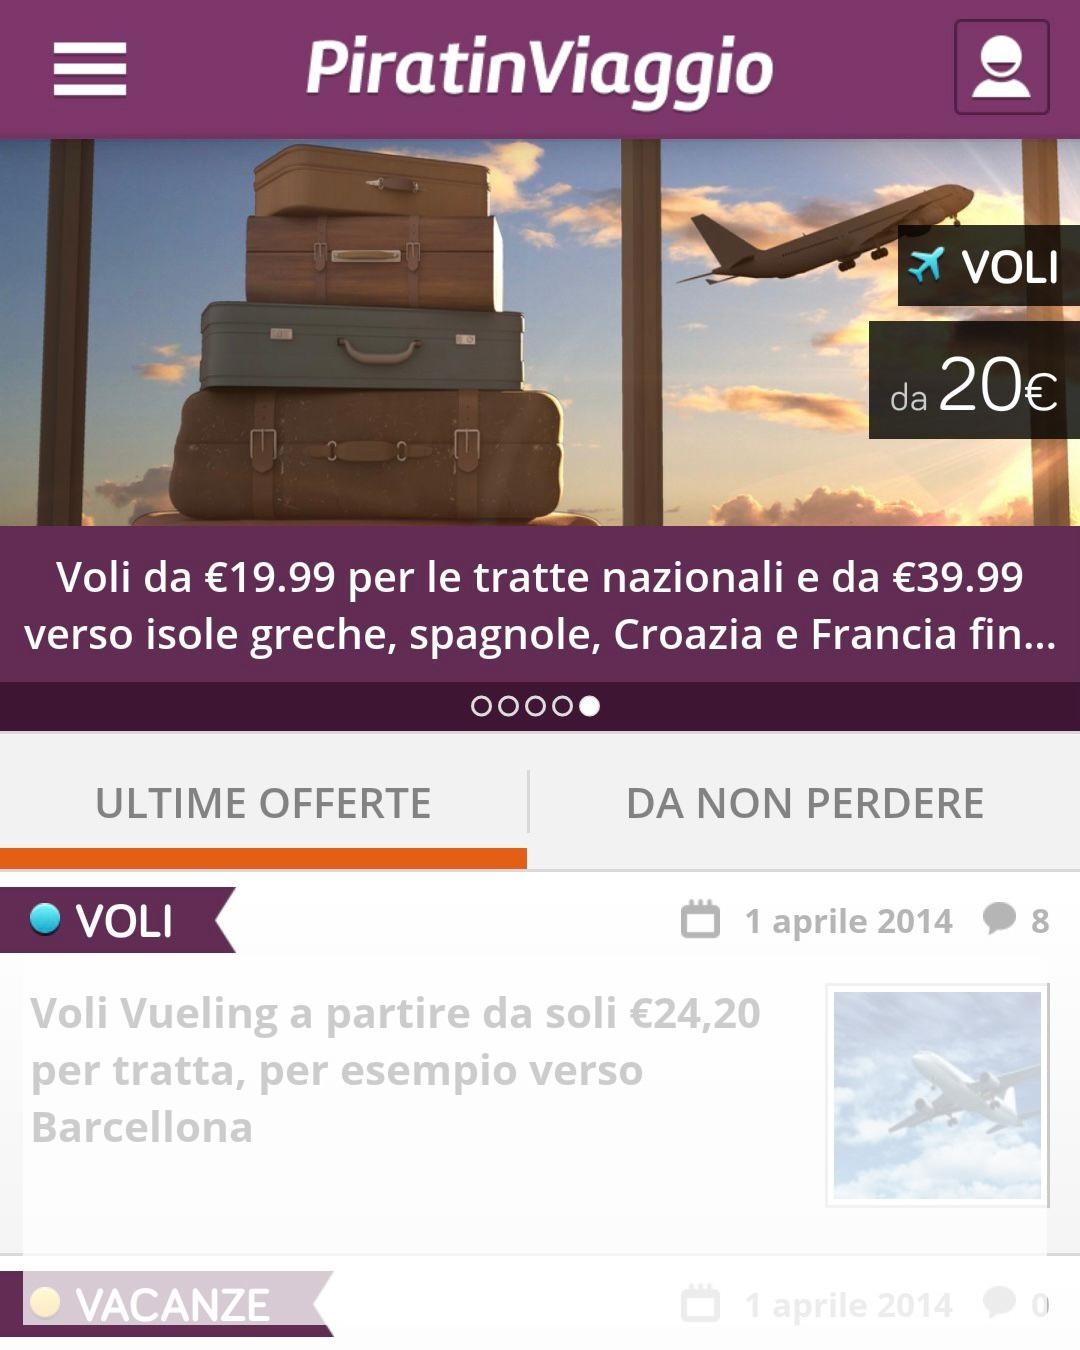 Piratinviaggio: L'app per i viaggi last minute e lowcost